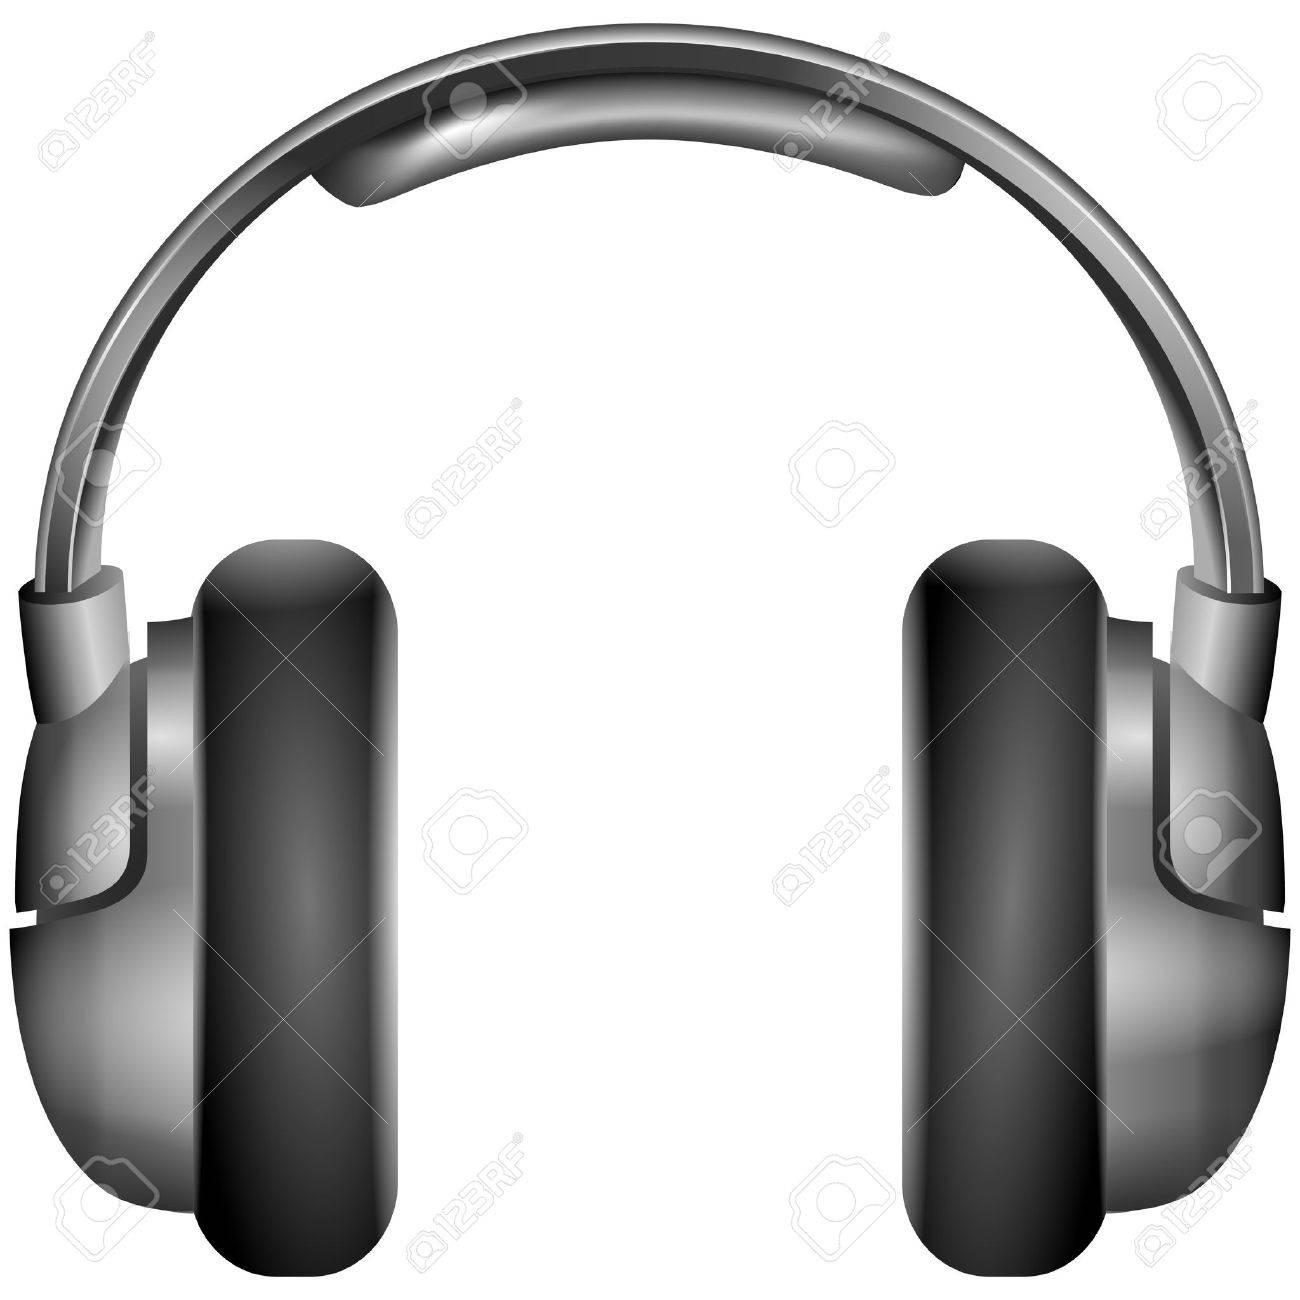 Isolated metallic headphones illustration Stock Vector - 19118592